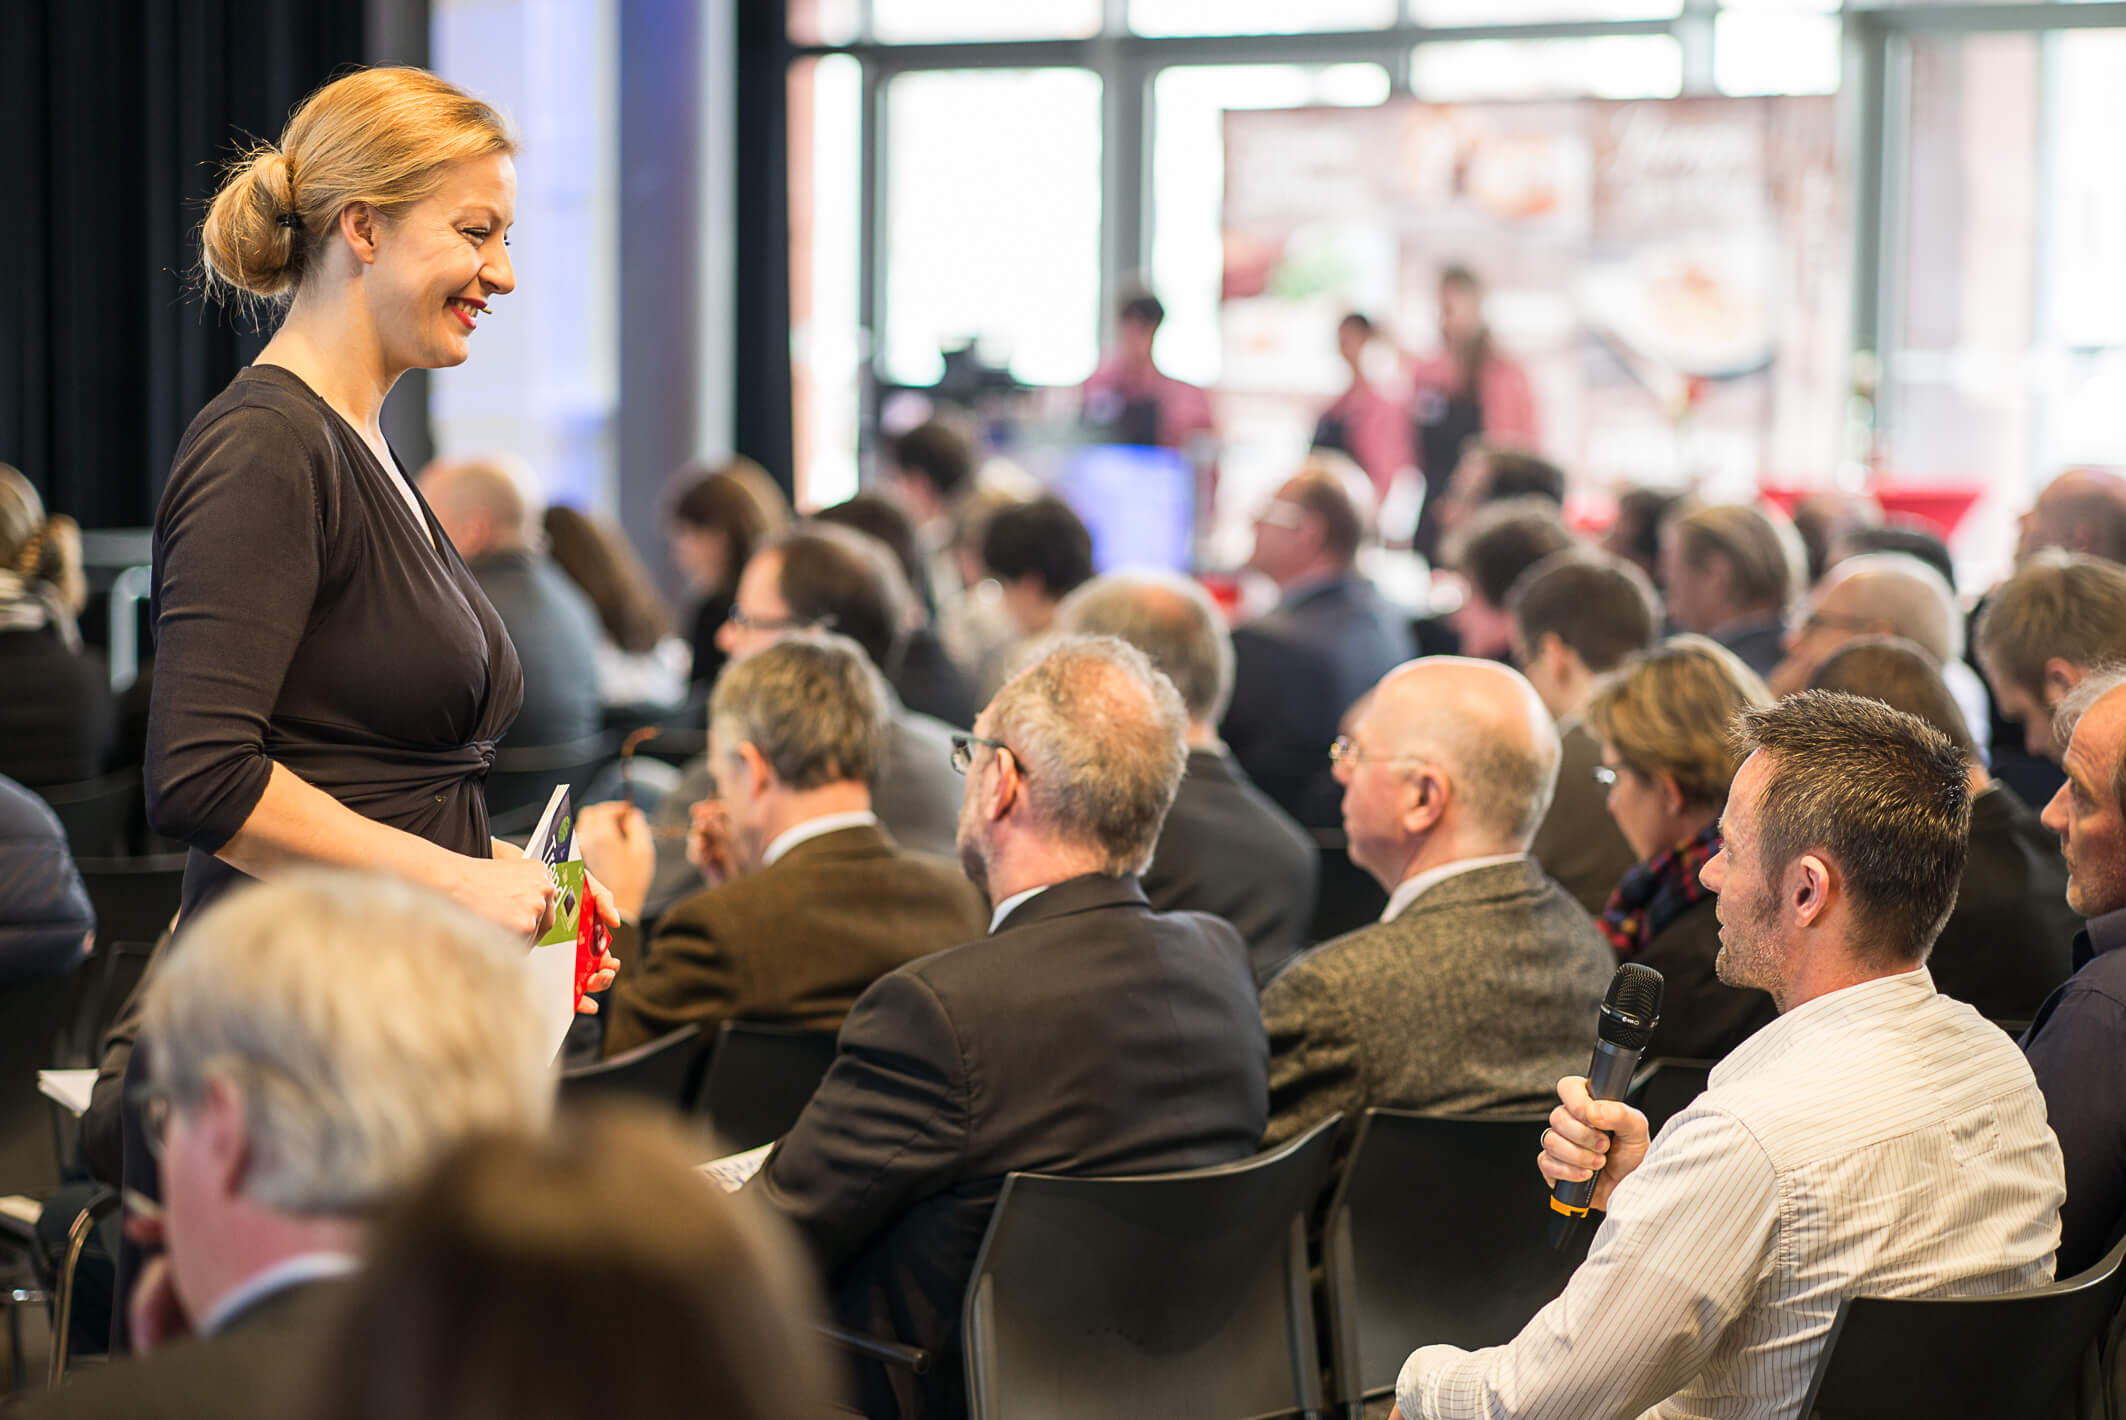 Moderatorin Podiumsdiskussion Carmen Hentschel interviewt Menschen im Publikum bei einer Veranstaltung